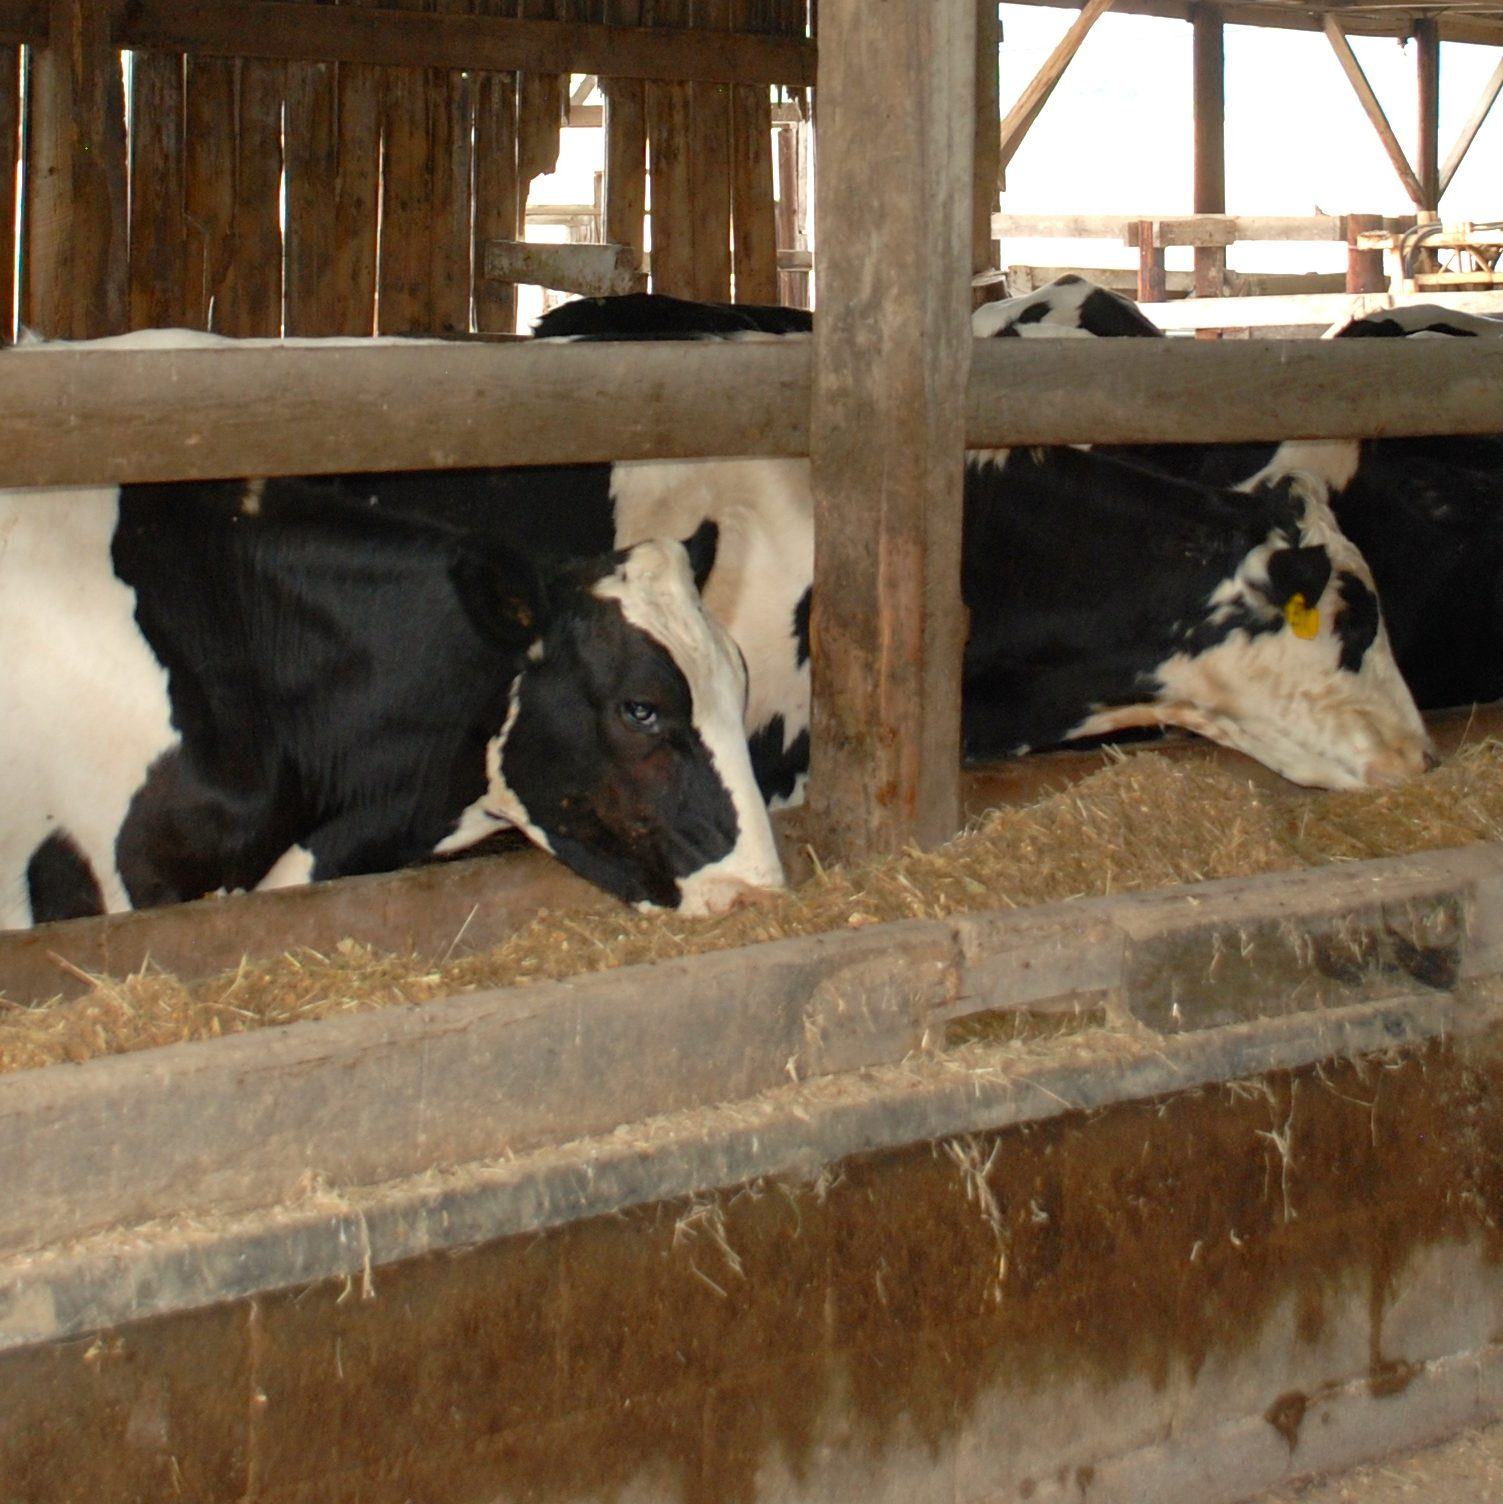 Dairy steers being fed